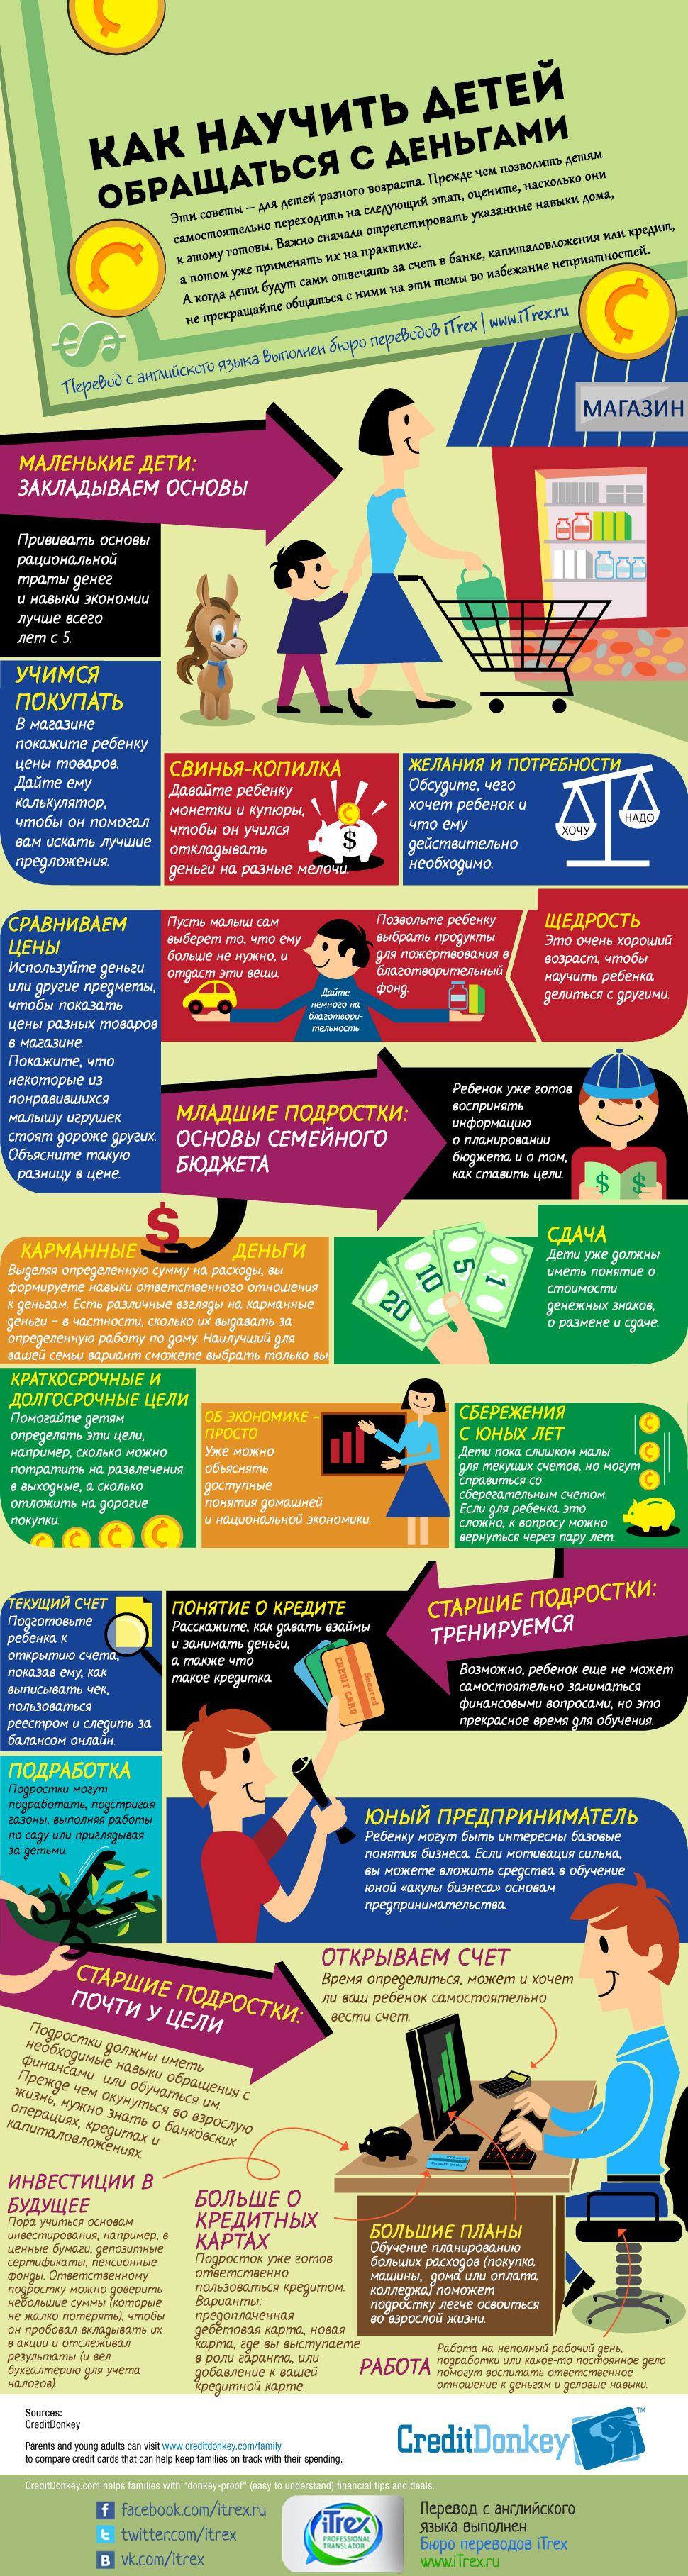 Вообще-то, эти советы для родителей разного возраста. Т.е. для родителей разных детей. Нет, для разновоз... разнородит... Короче, советы родителям, как научить любых детей обращаться с деньгами. http://itrex.ru/news/kak-nauchit-detey-obraschatsya-s-dengami